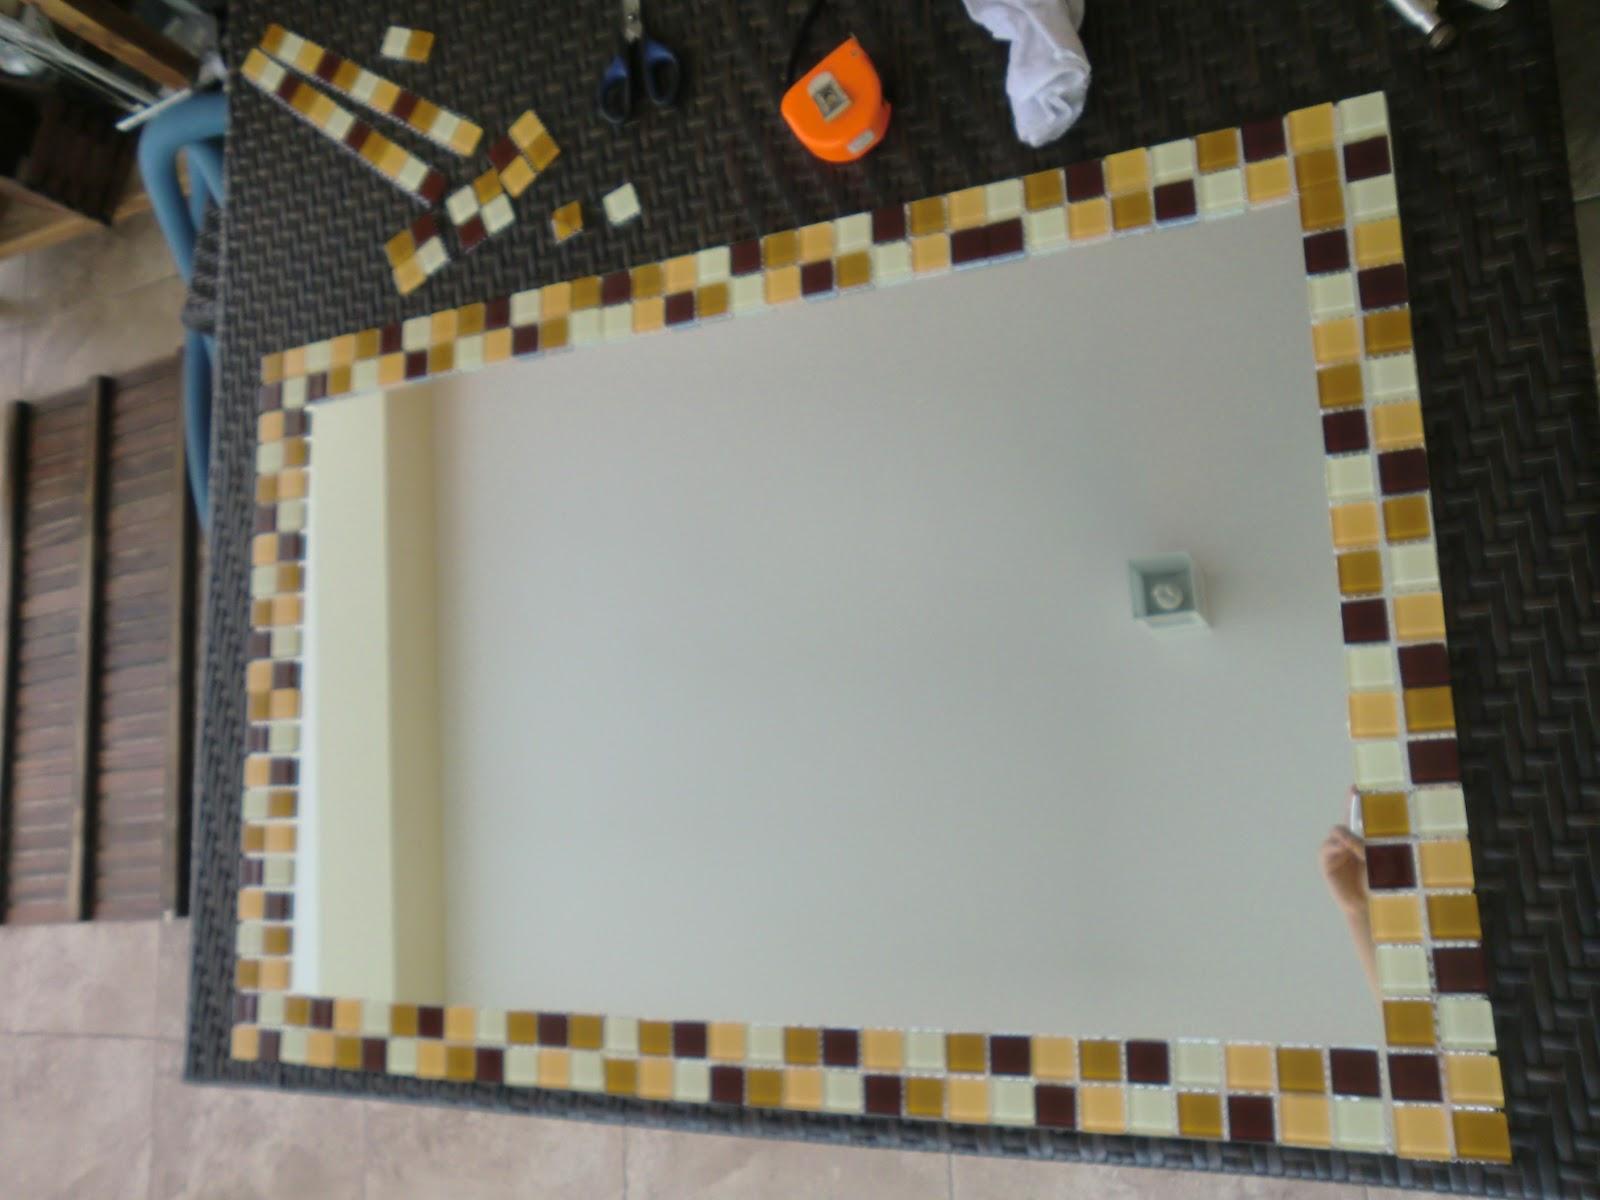 Economizando Reformando um Banheiro Pequeno Casa e Reforma #9A6D31 1600 1200